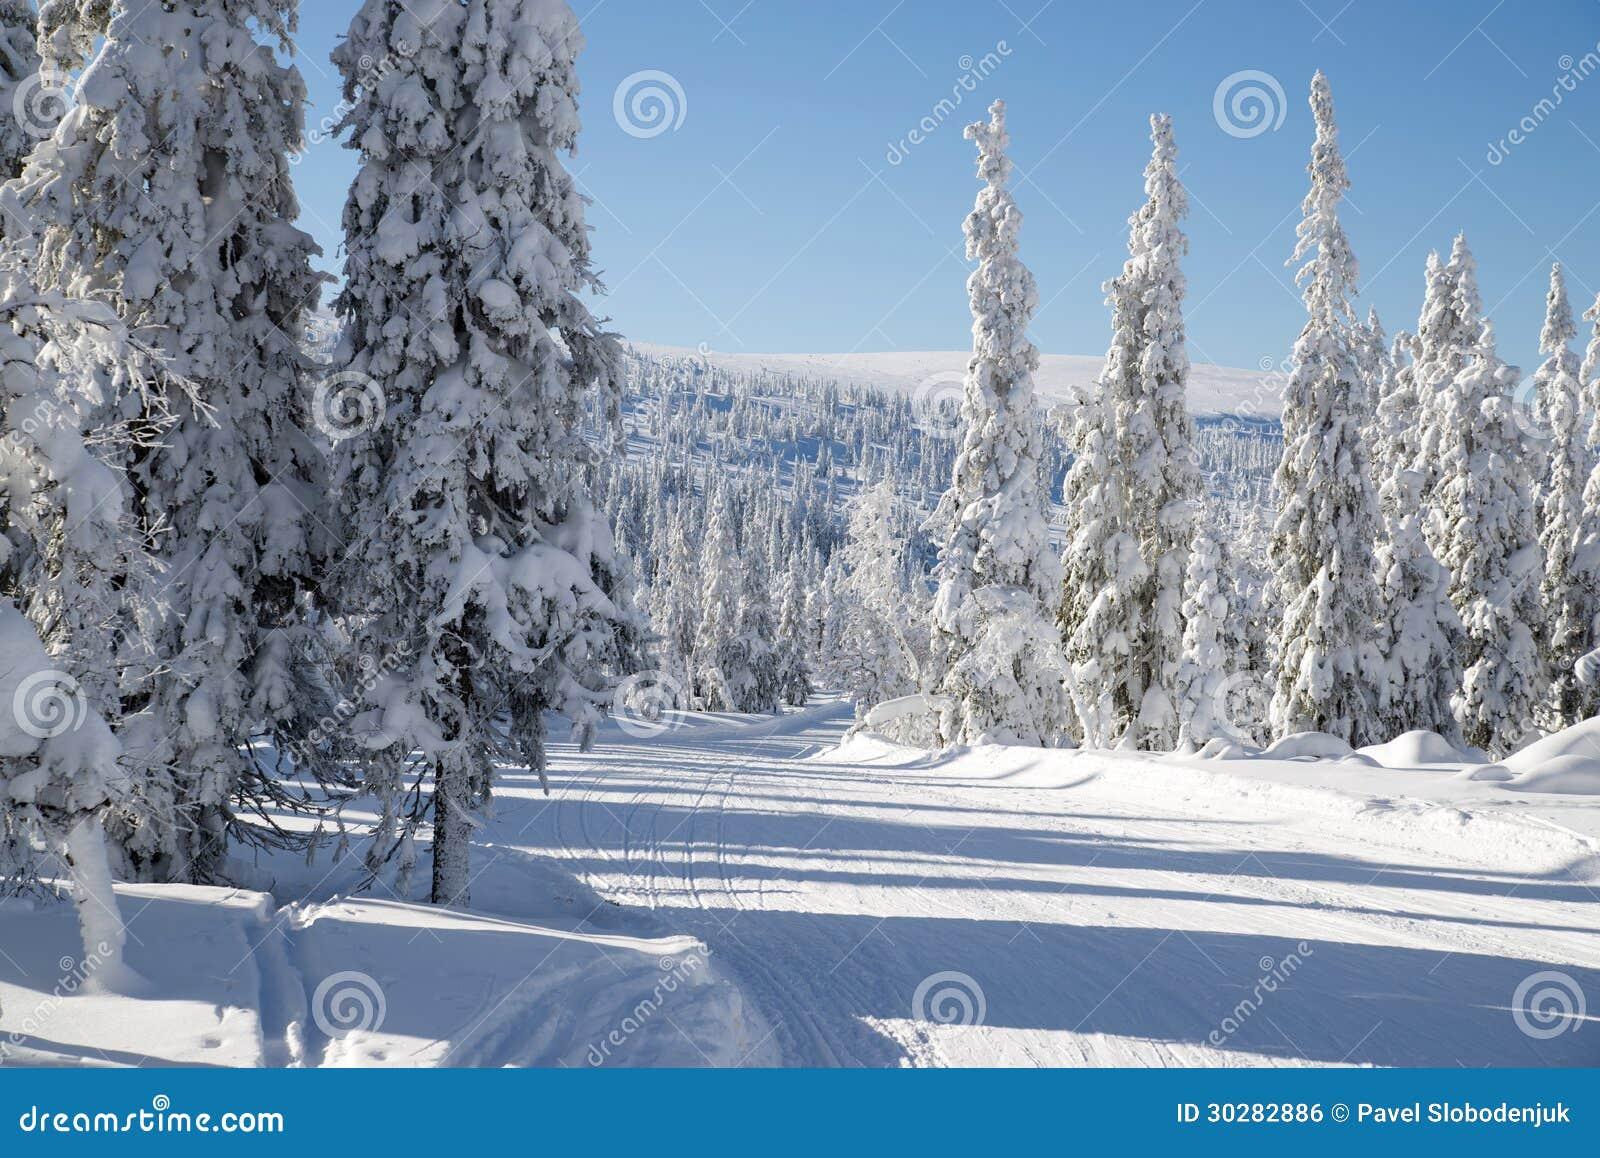 弯曲的滑雪轨道